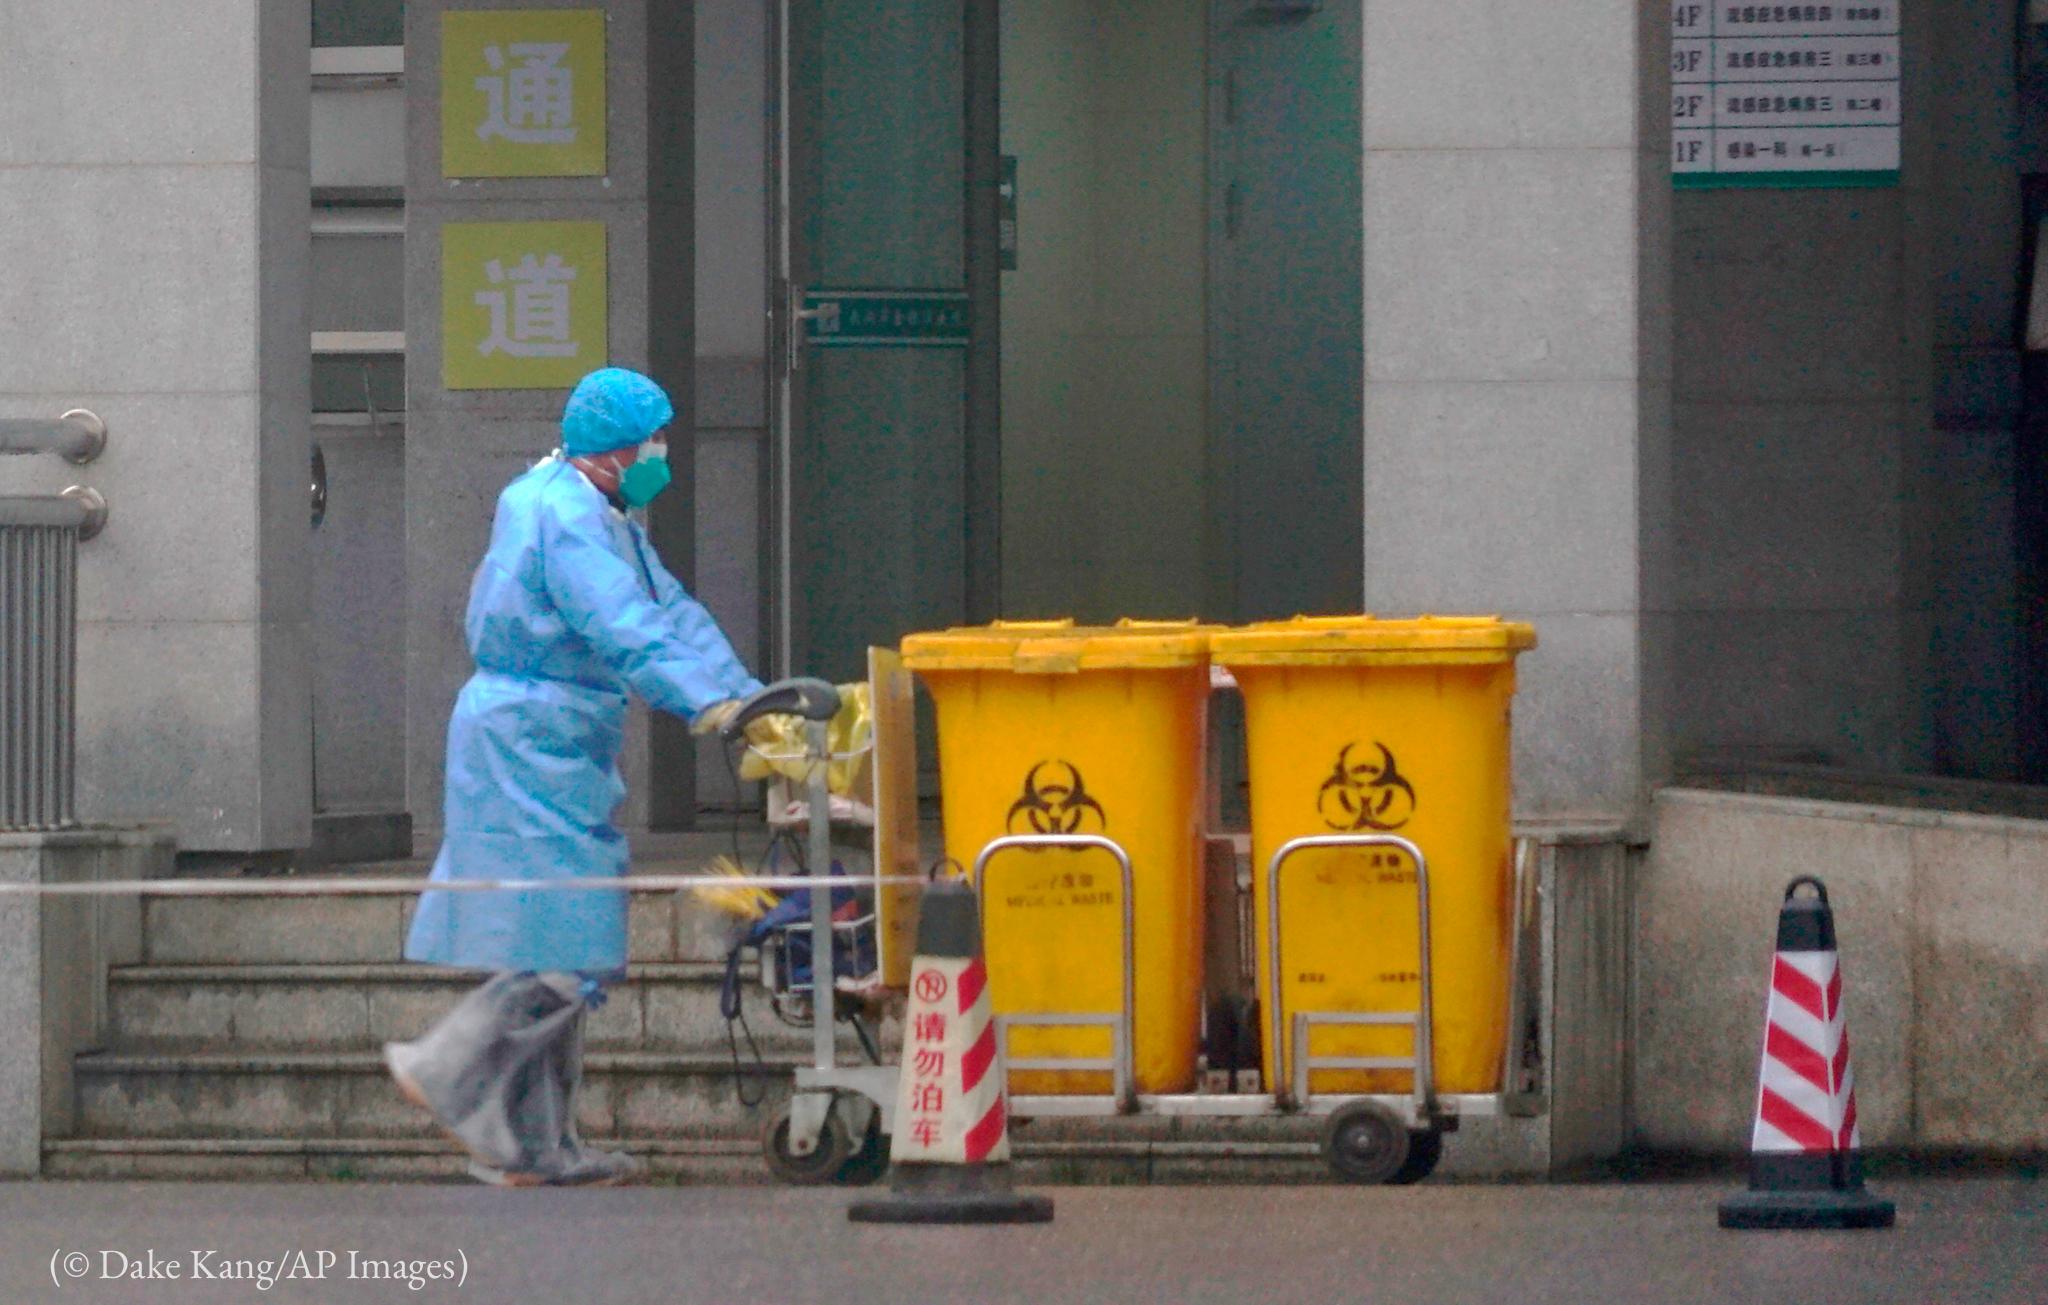 Une personne portant une combinaison de protection médicale poussant deux poubelles devant un bâtiment (© Dake Kang/AP Images)